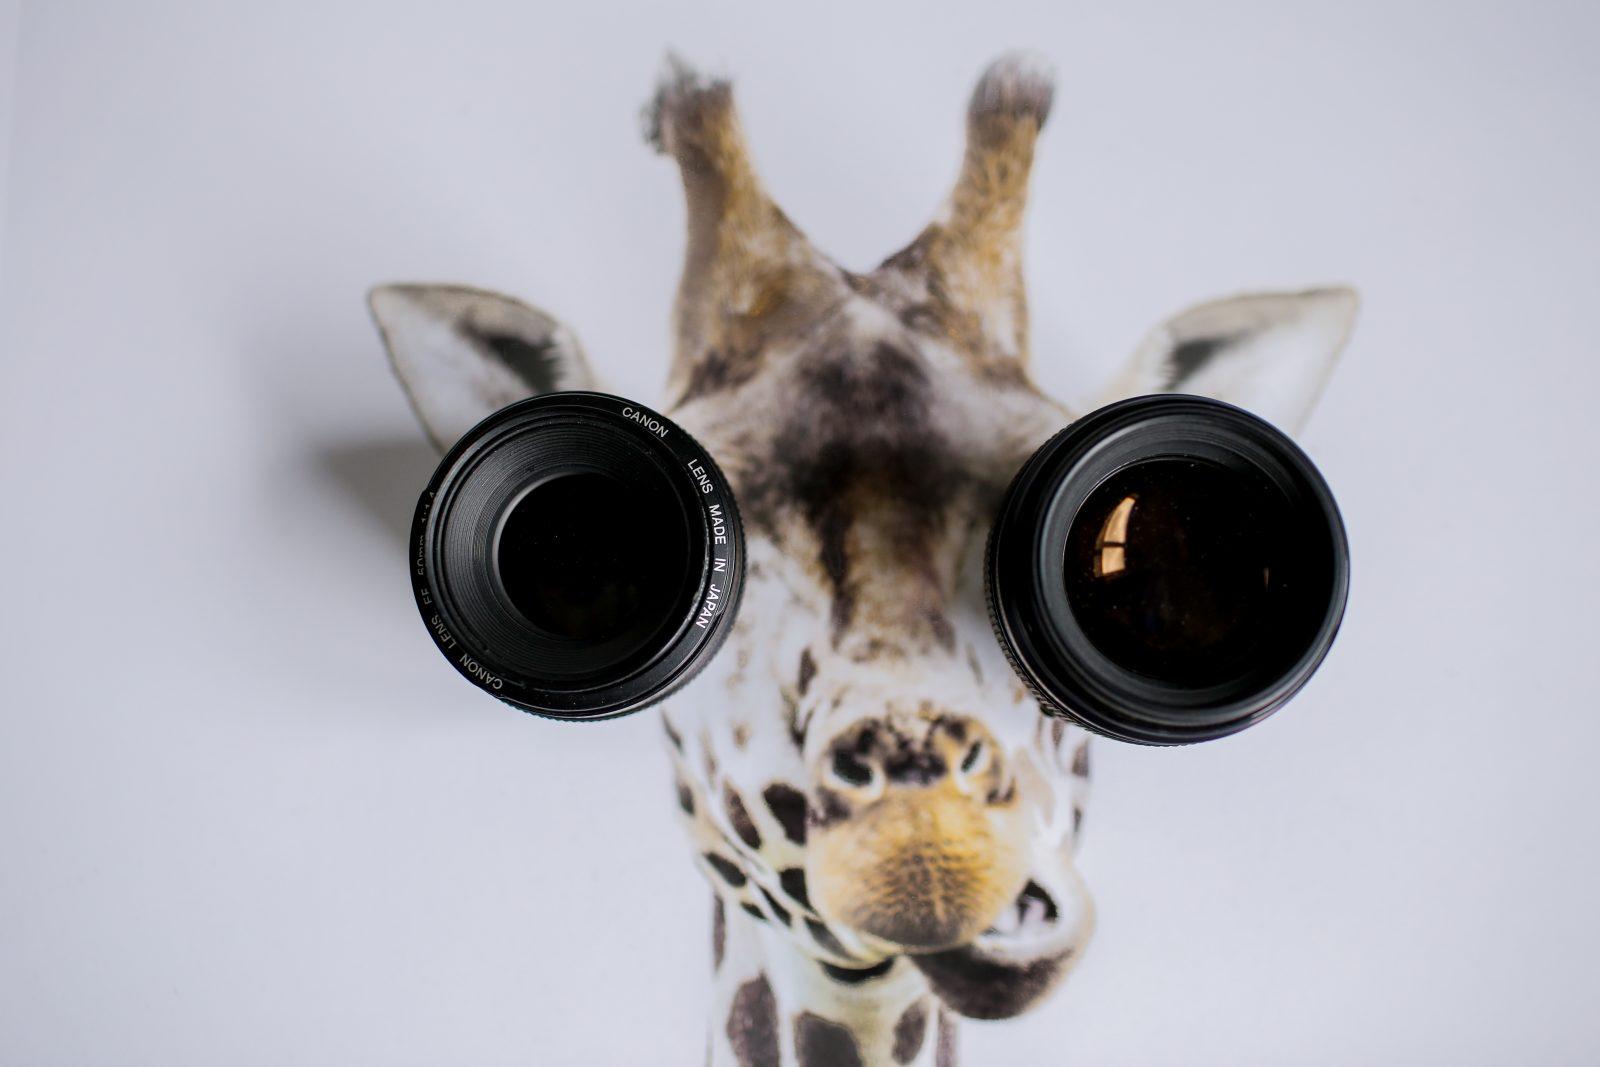 Mejores objetivos para fotografiar fauna silvestre